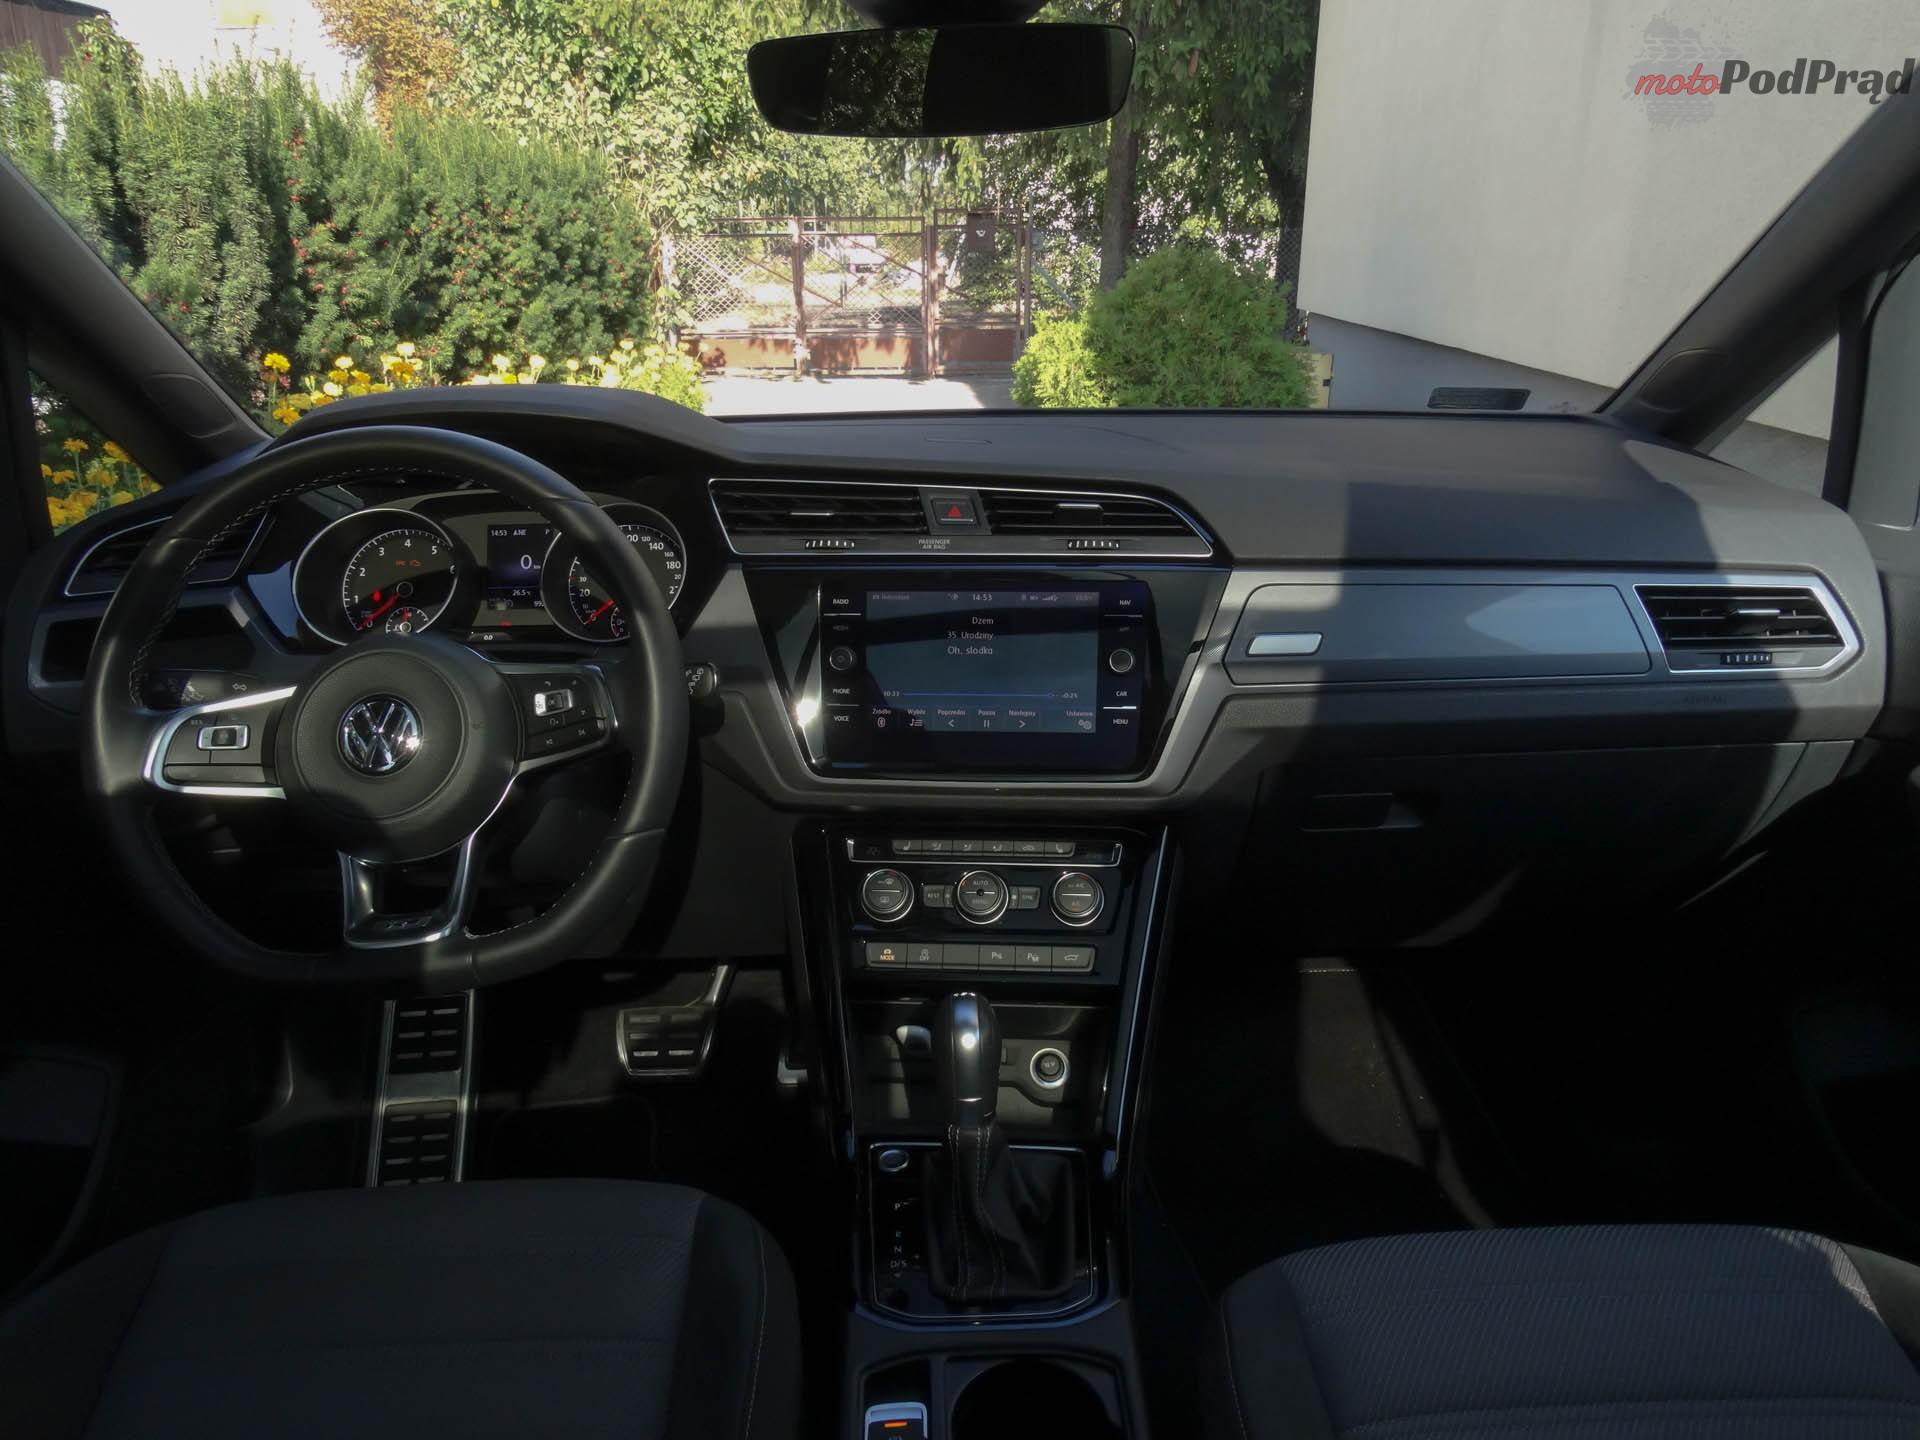 Volkswagen Touran 10 Test: Volkswagen Touran 1.8 TSI 180 KM   sportowy van